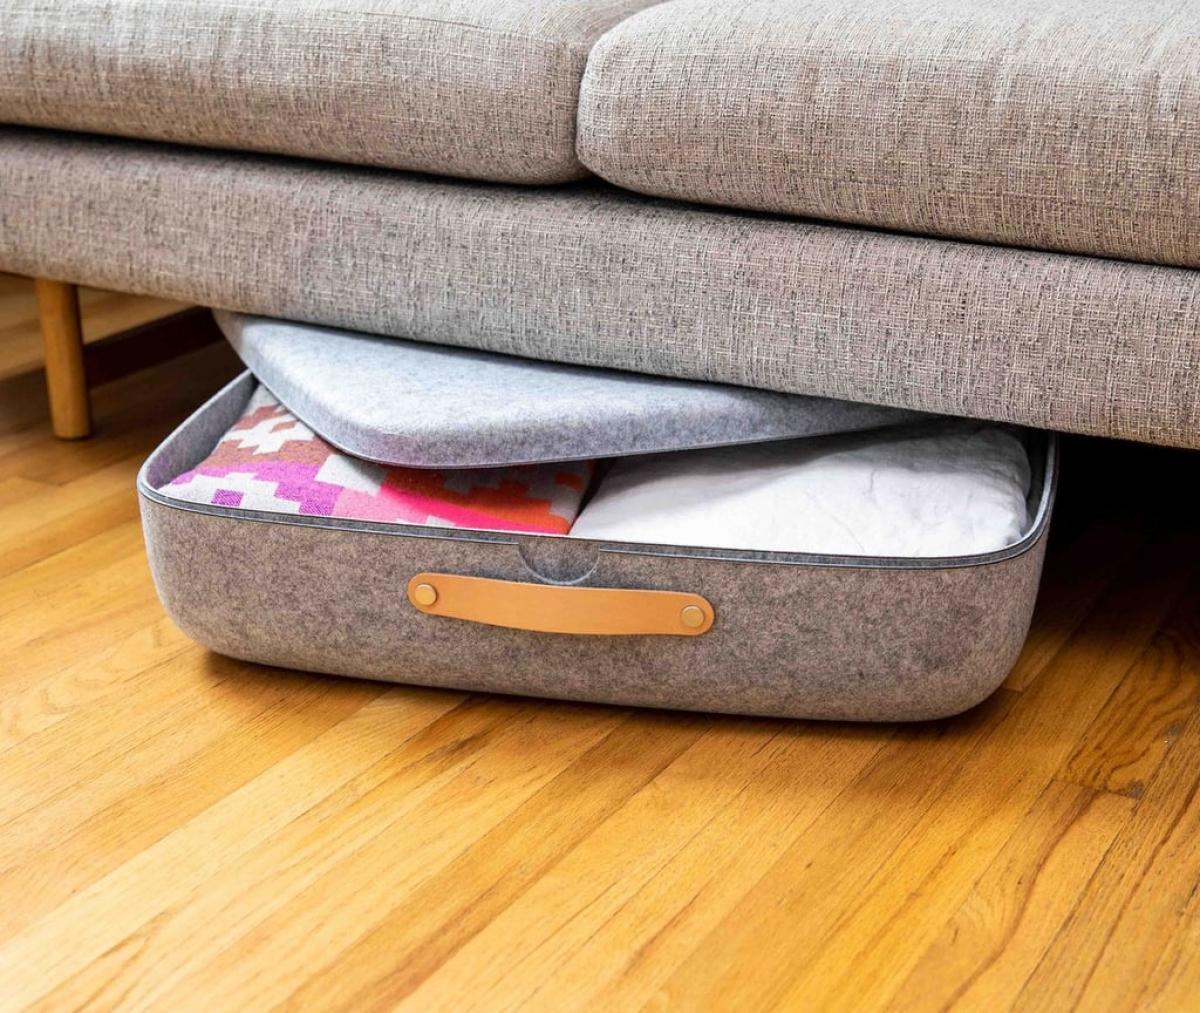 Trong những căn hộ nhỏ, không có nhiều không gian để bày biện đồ đạc, bạn hãy cất bớt đồ đạc trong những chiếc hộp nhỏ và chỉ mang ra khi cần.